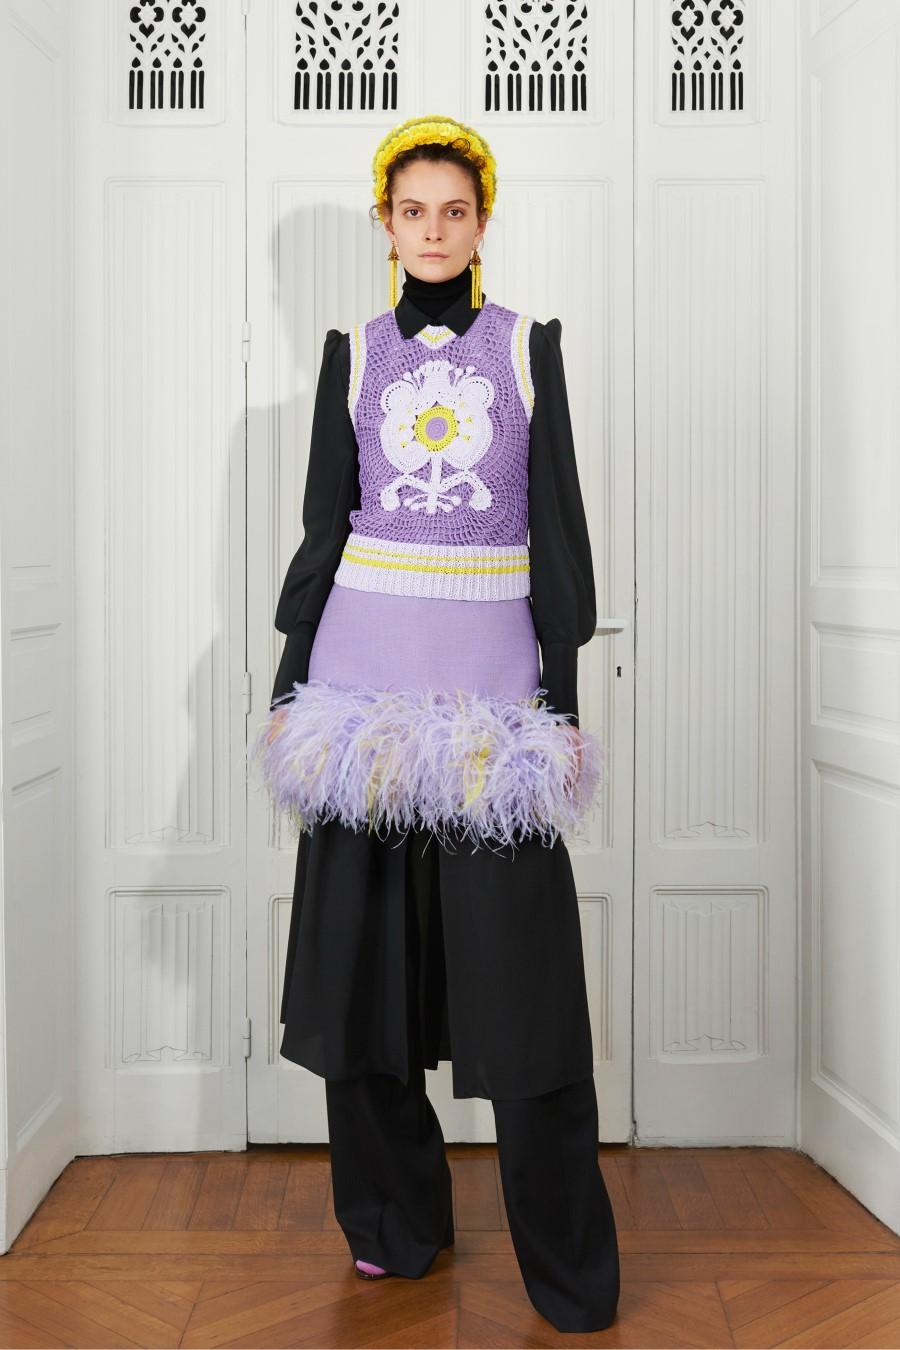 Patou Fall Winter 2021 - Paris Fashion Week